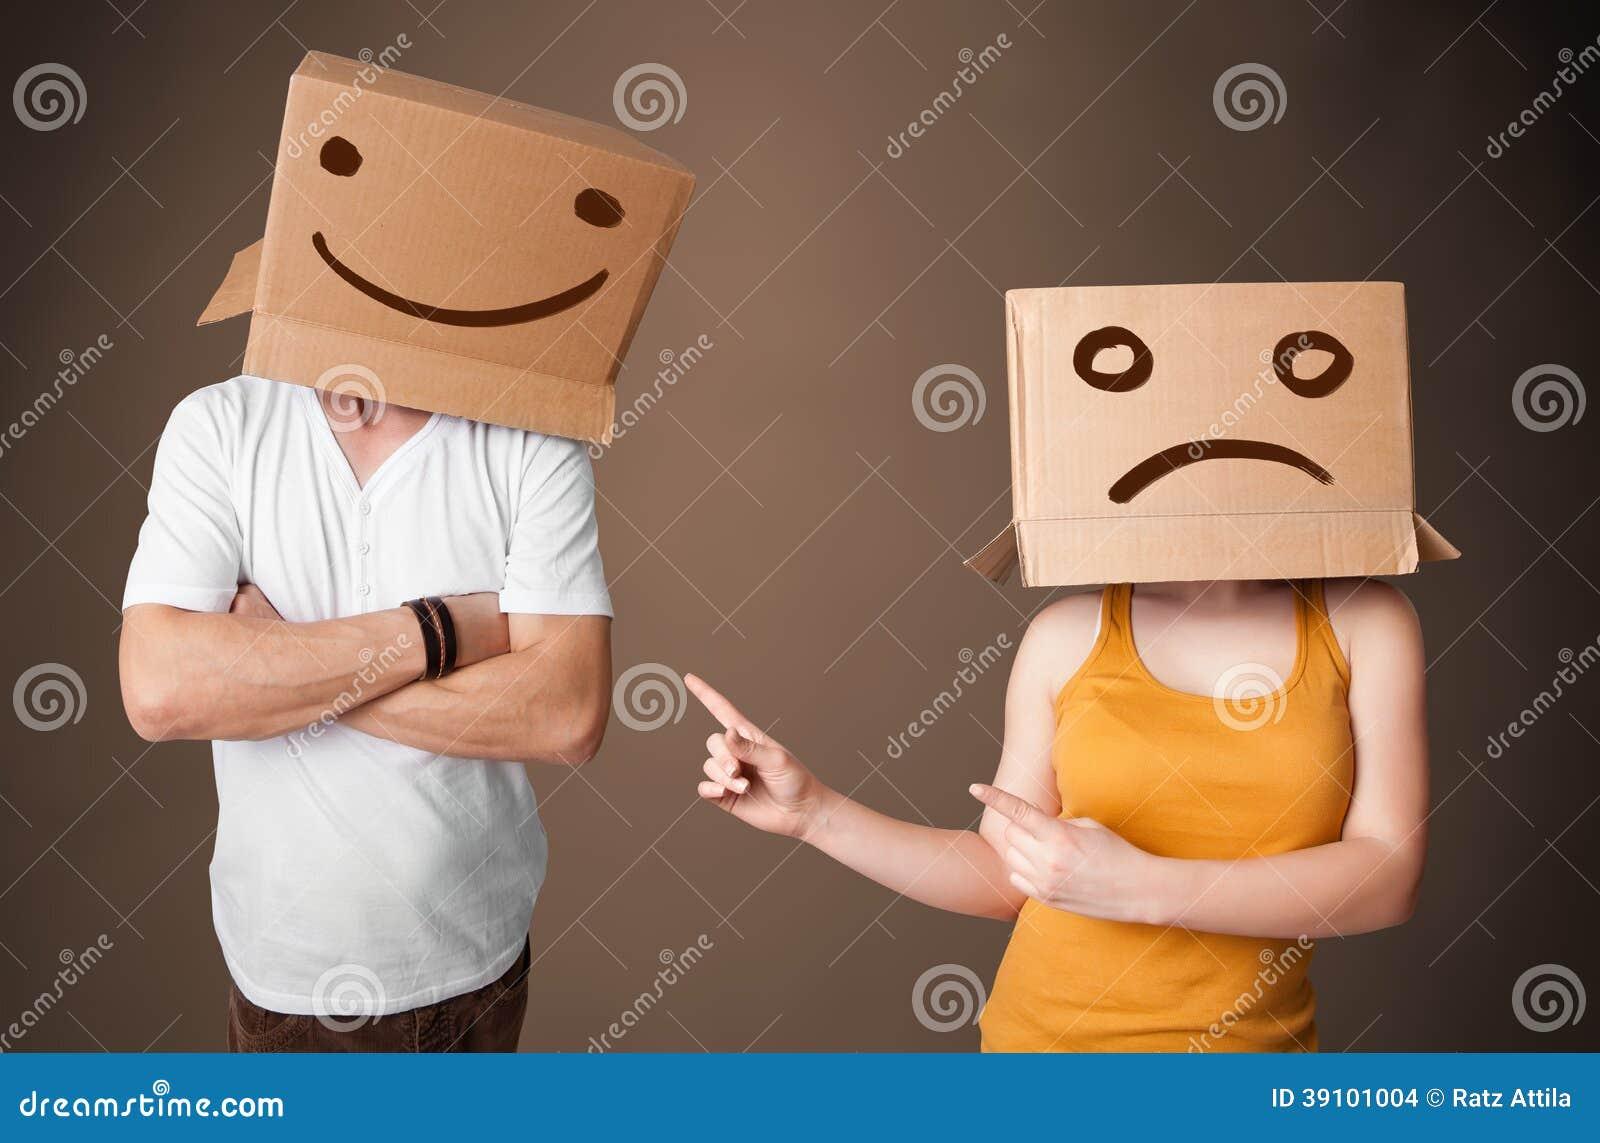 Mensen in kostuum het gesturing met getrokken smileygezichten